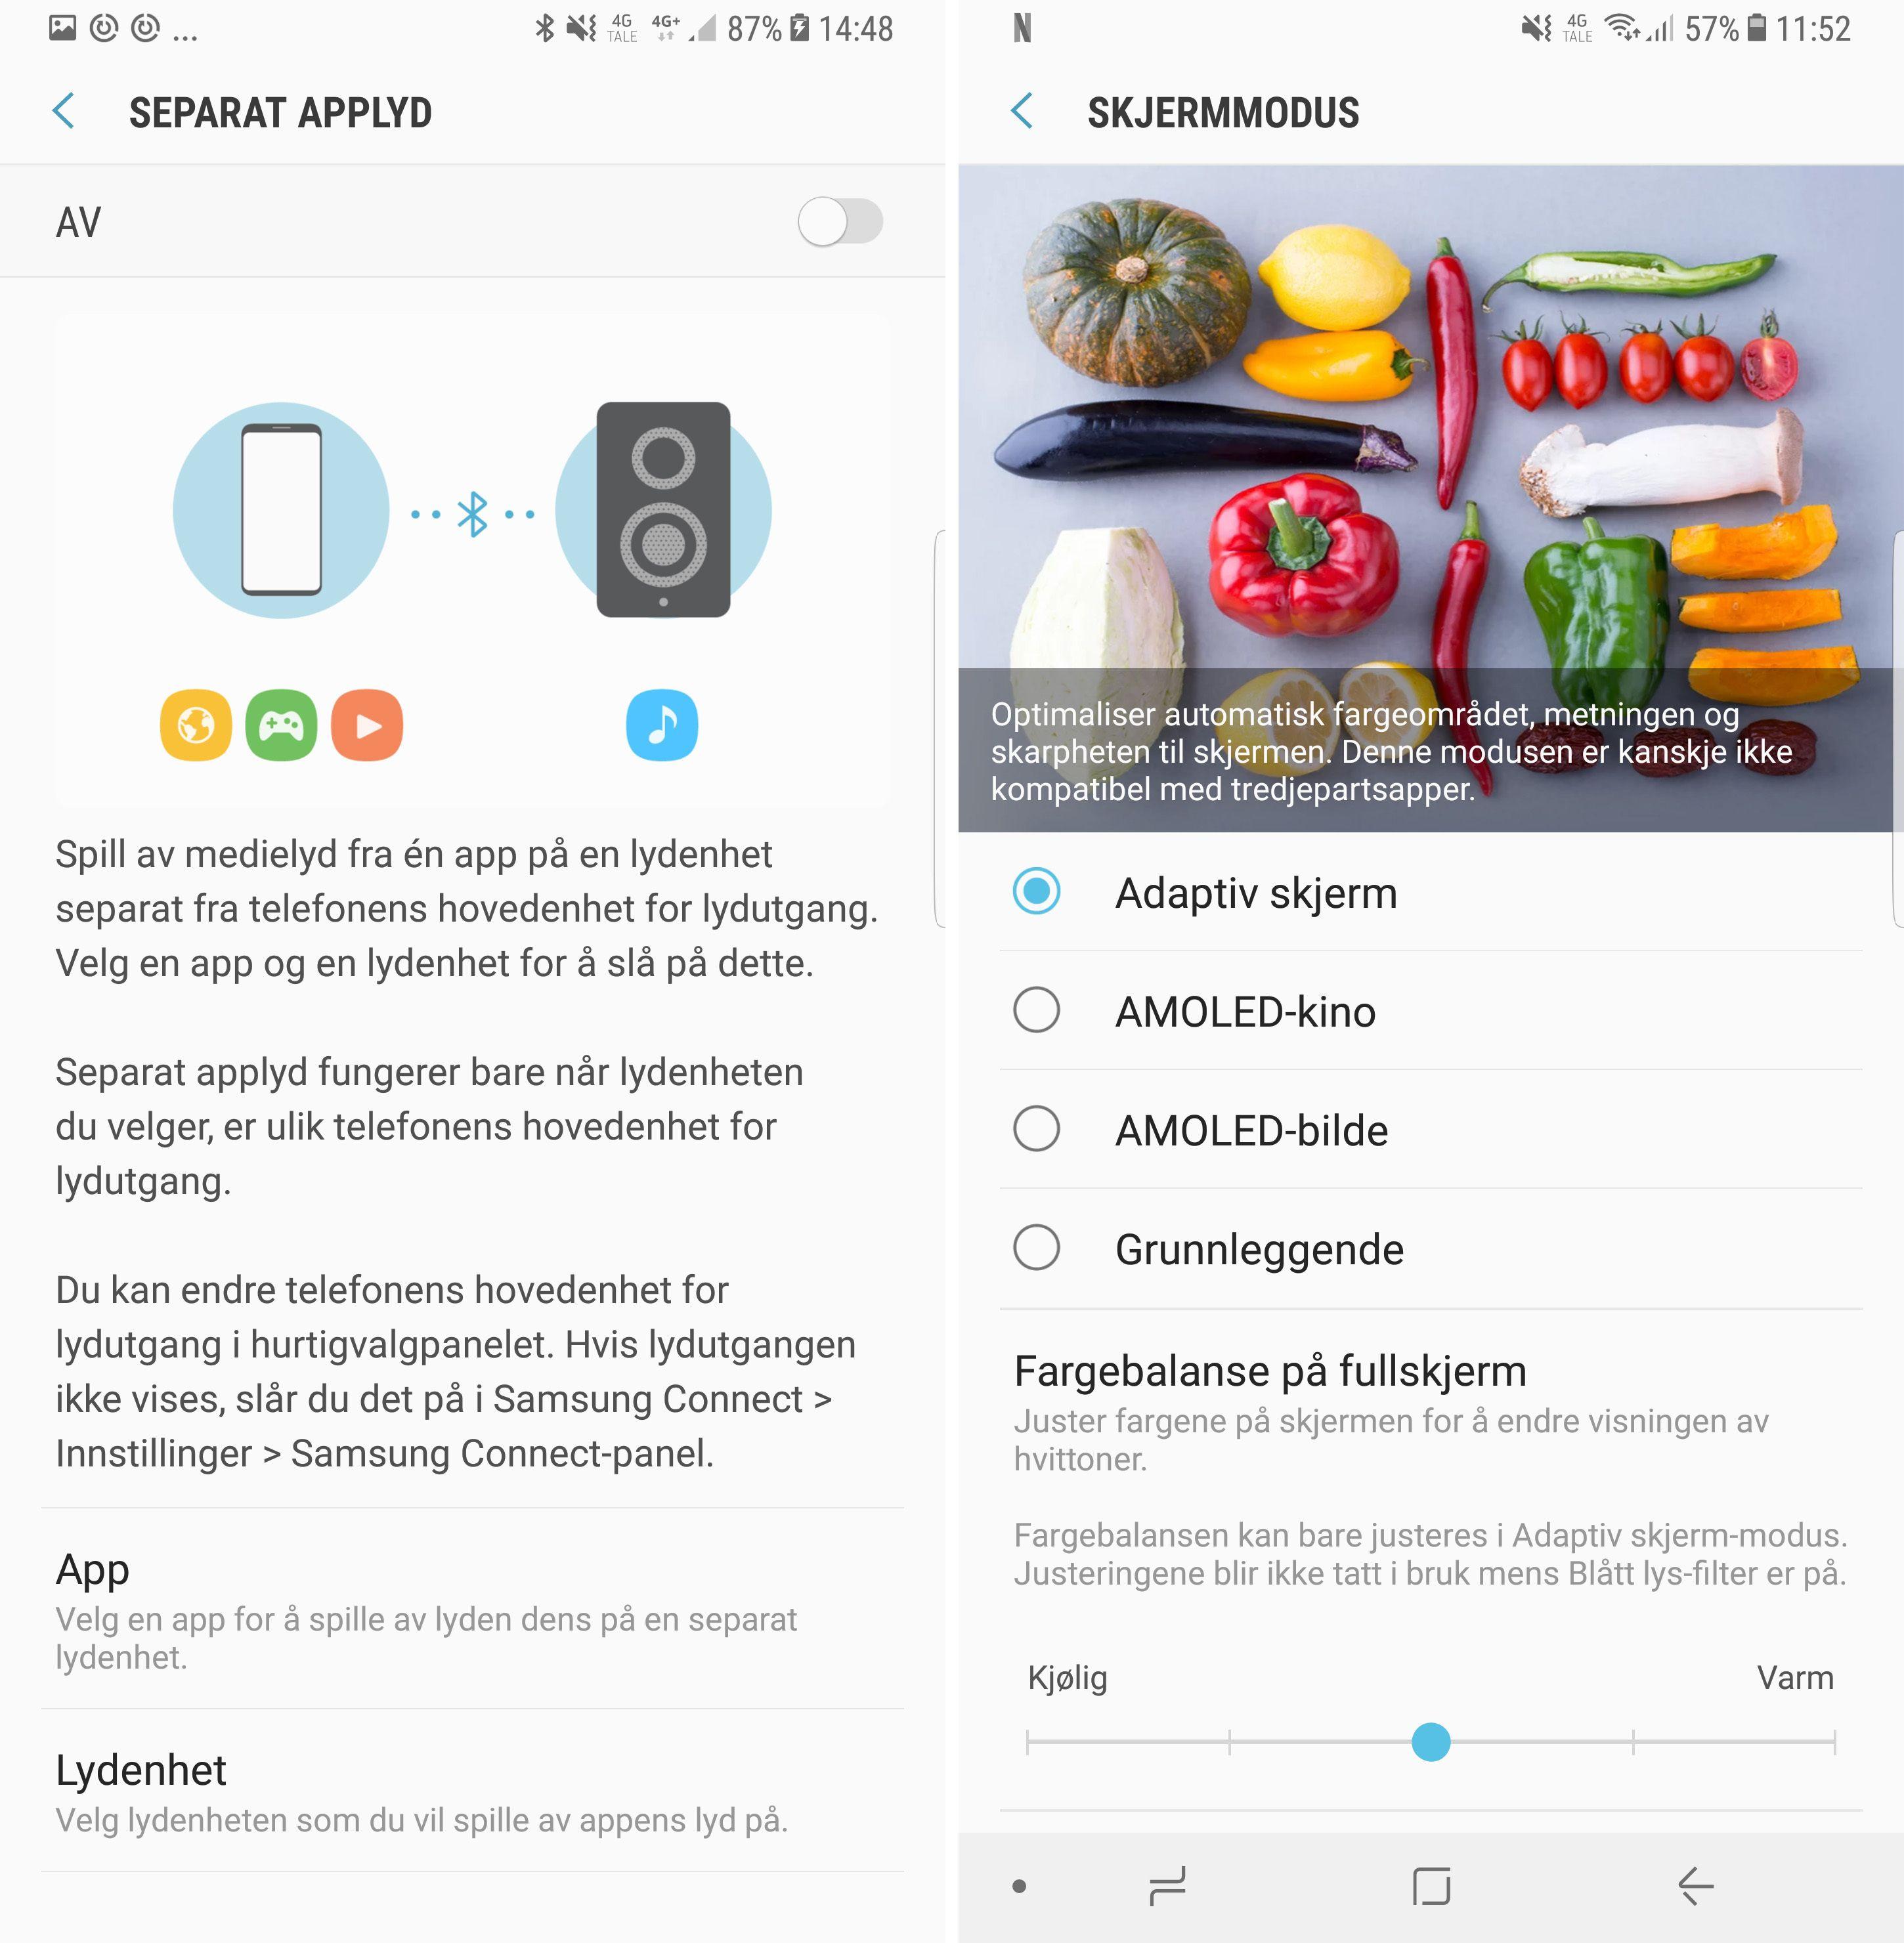 Det er en rekke innstillingsmuligheter i Note 8 som gjør den til en prima underholder. Du kan for eksempel spille av to ulike lydstrømmer samtidig, eller du kan stille skjermen akkurat slik du ønsker den. Mulighet til å kjøre to samtidige Bluetooth-lydstrømmer er det også her.